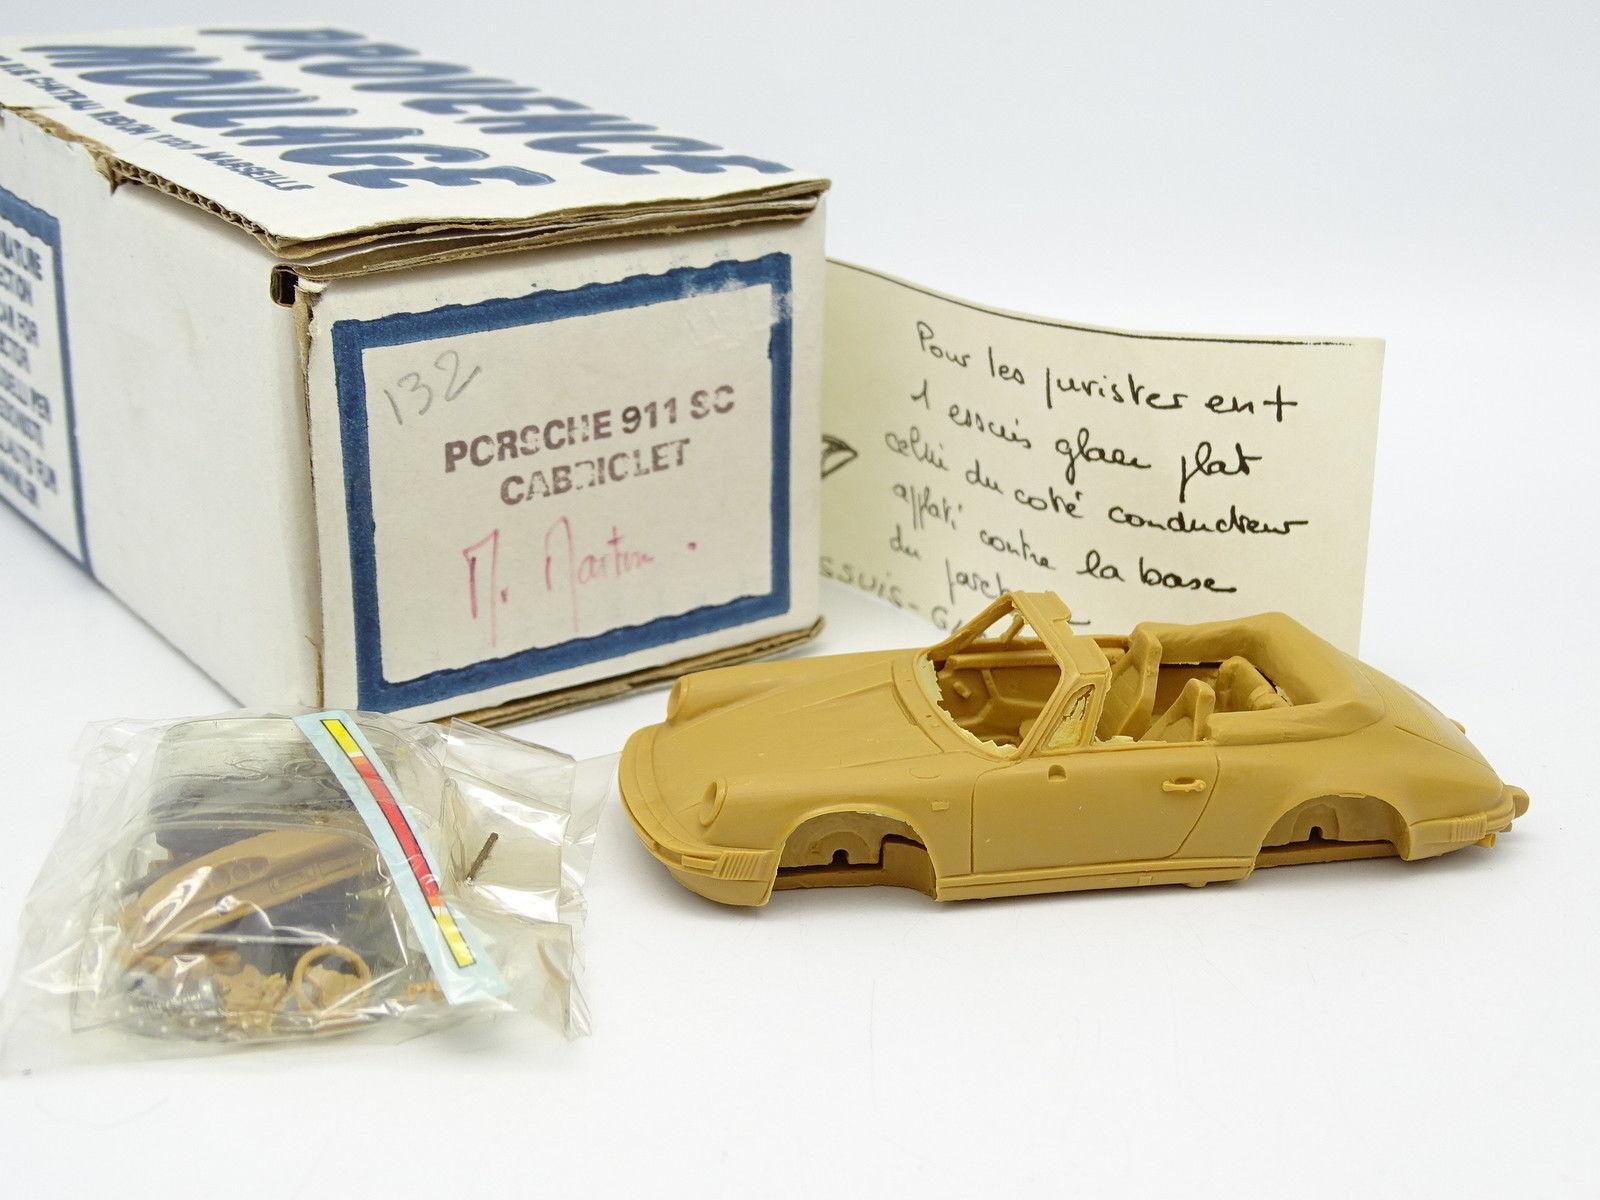 Provence Moulage Kit à Monter 1 43 - Porsche 911 SC 3.0 1983 Cabriolet